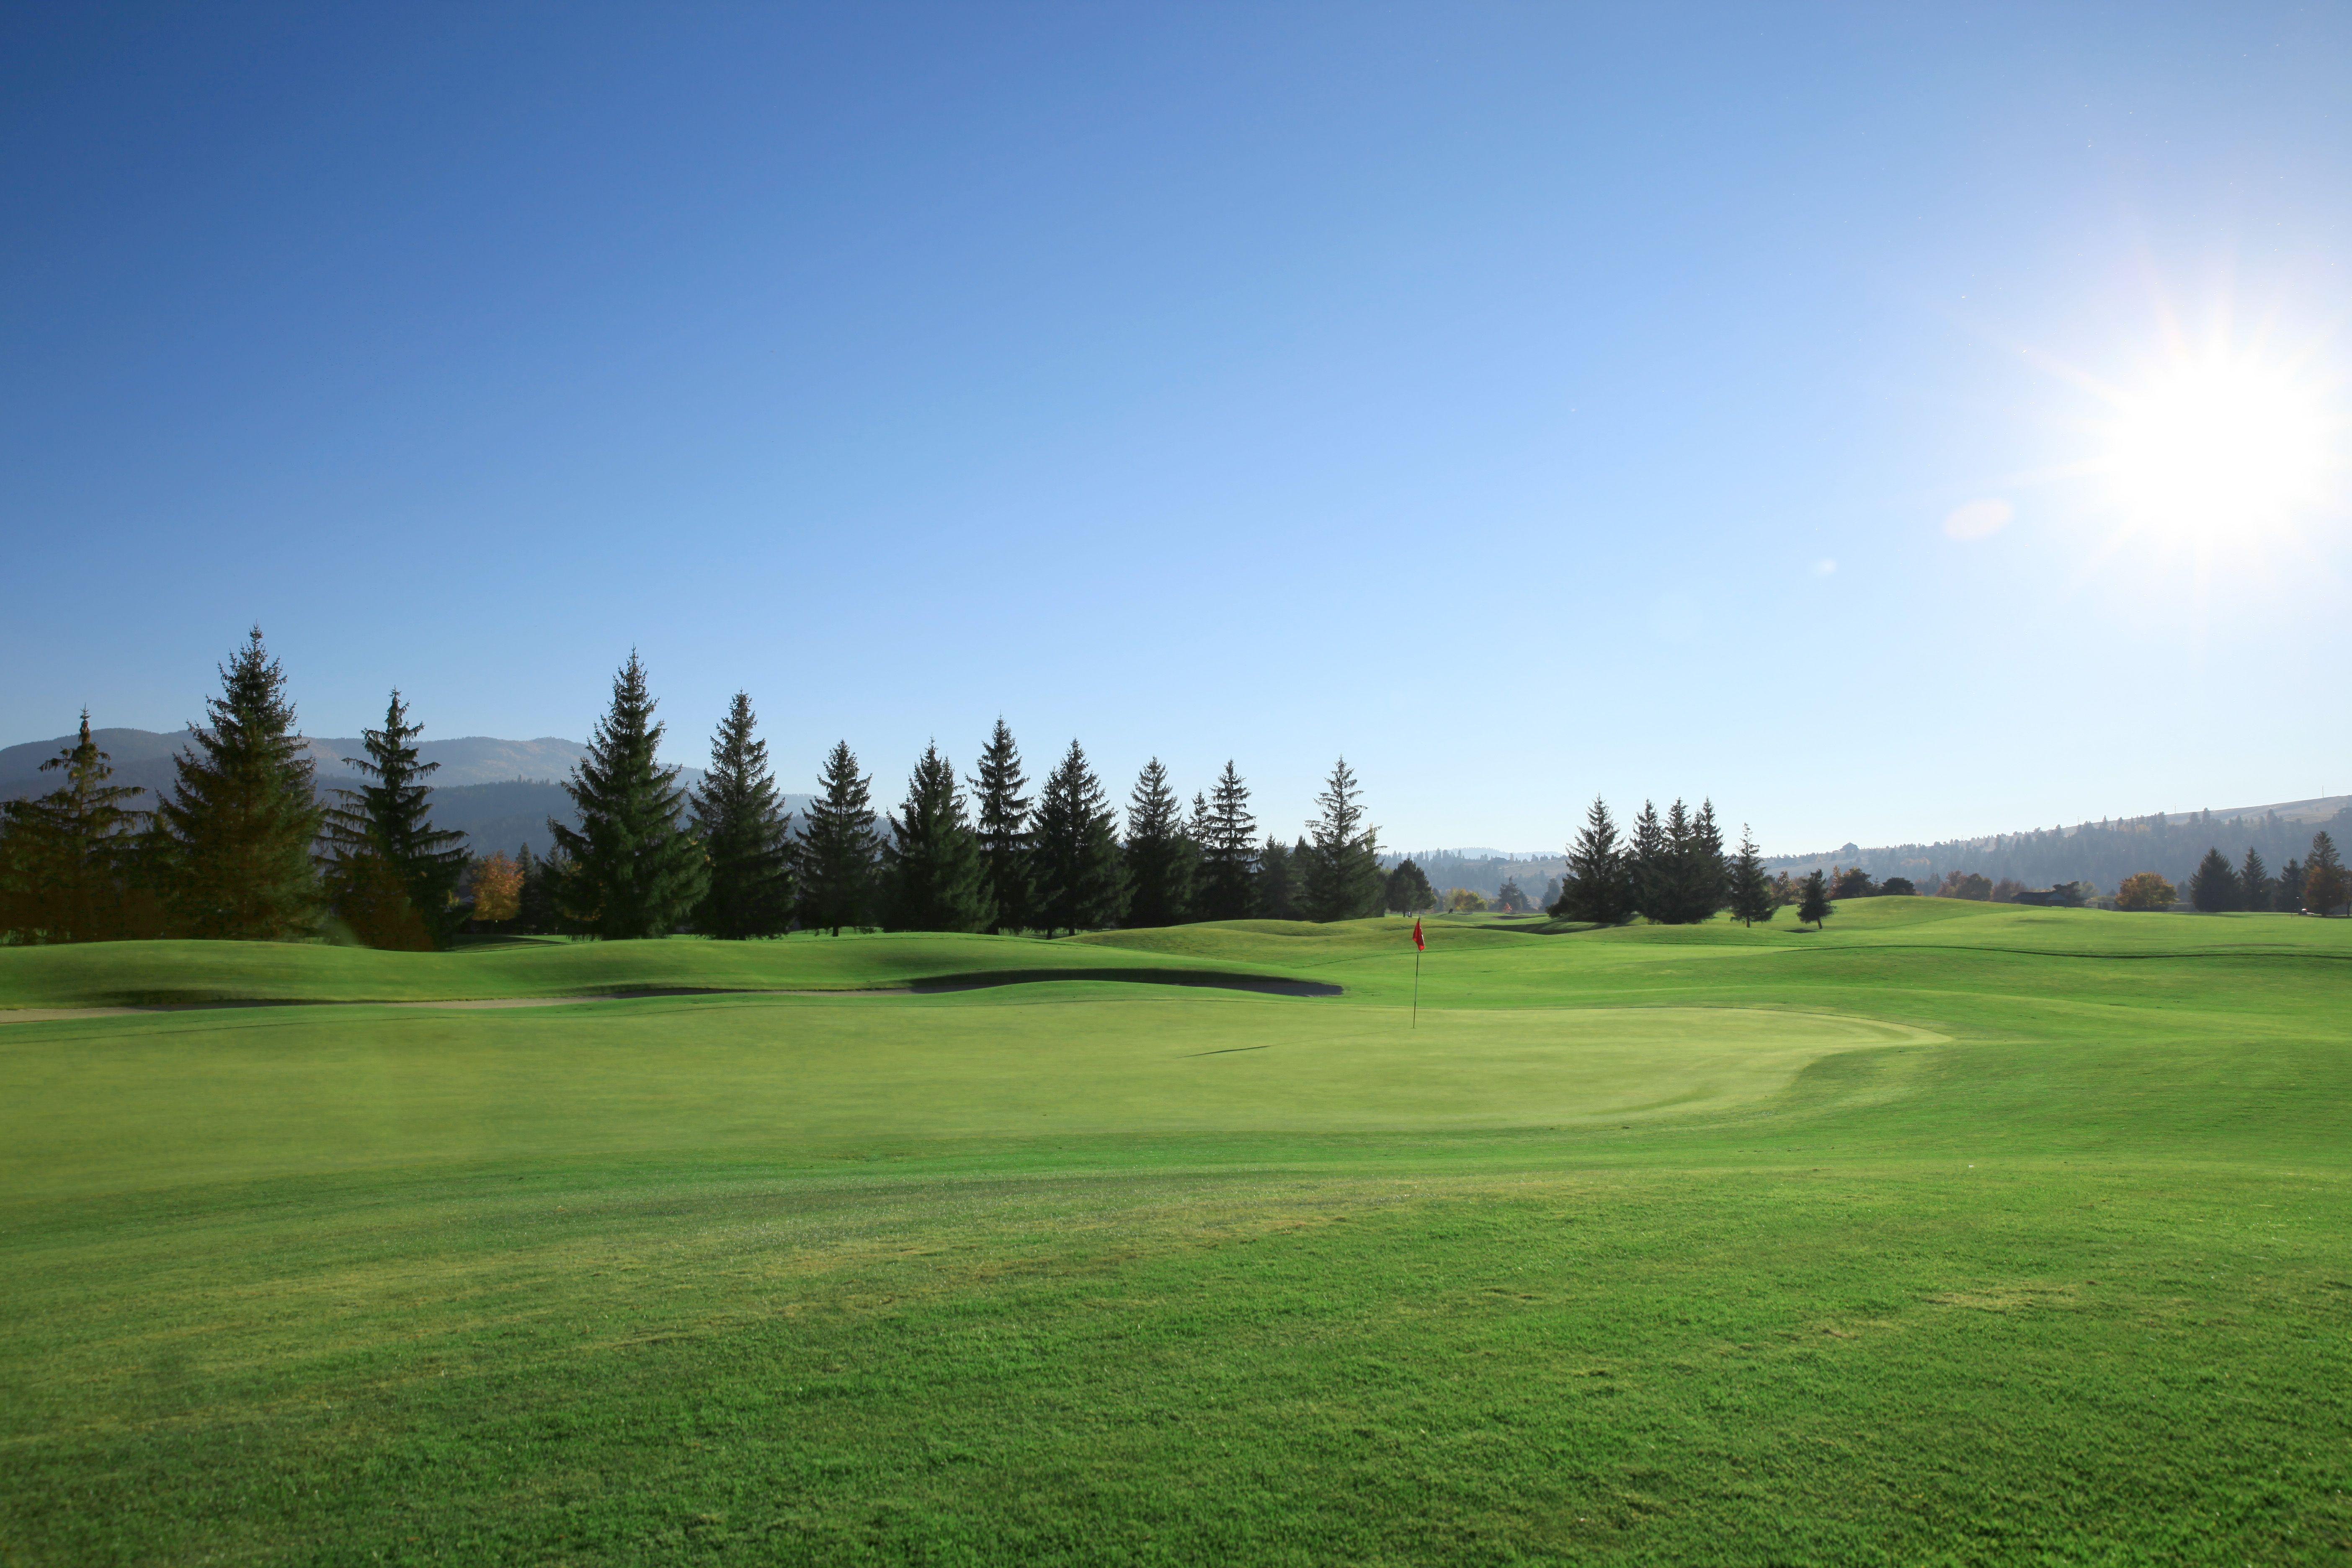 Meadowwood Golf Course Hole 7 Golf Courses Golf Simulators Public Golf Courses